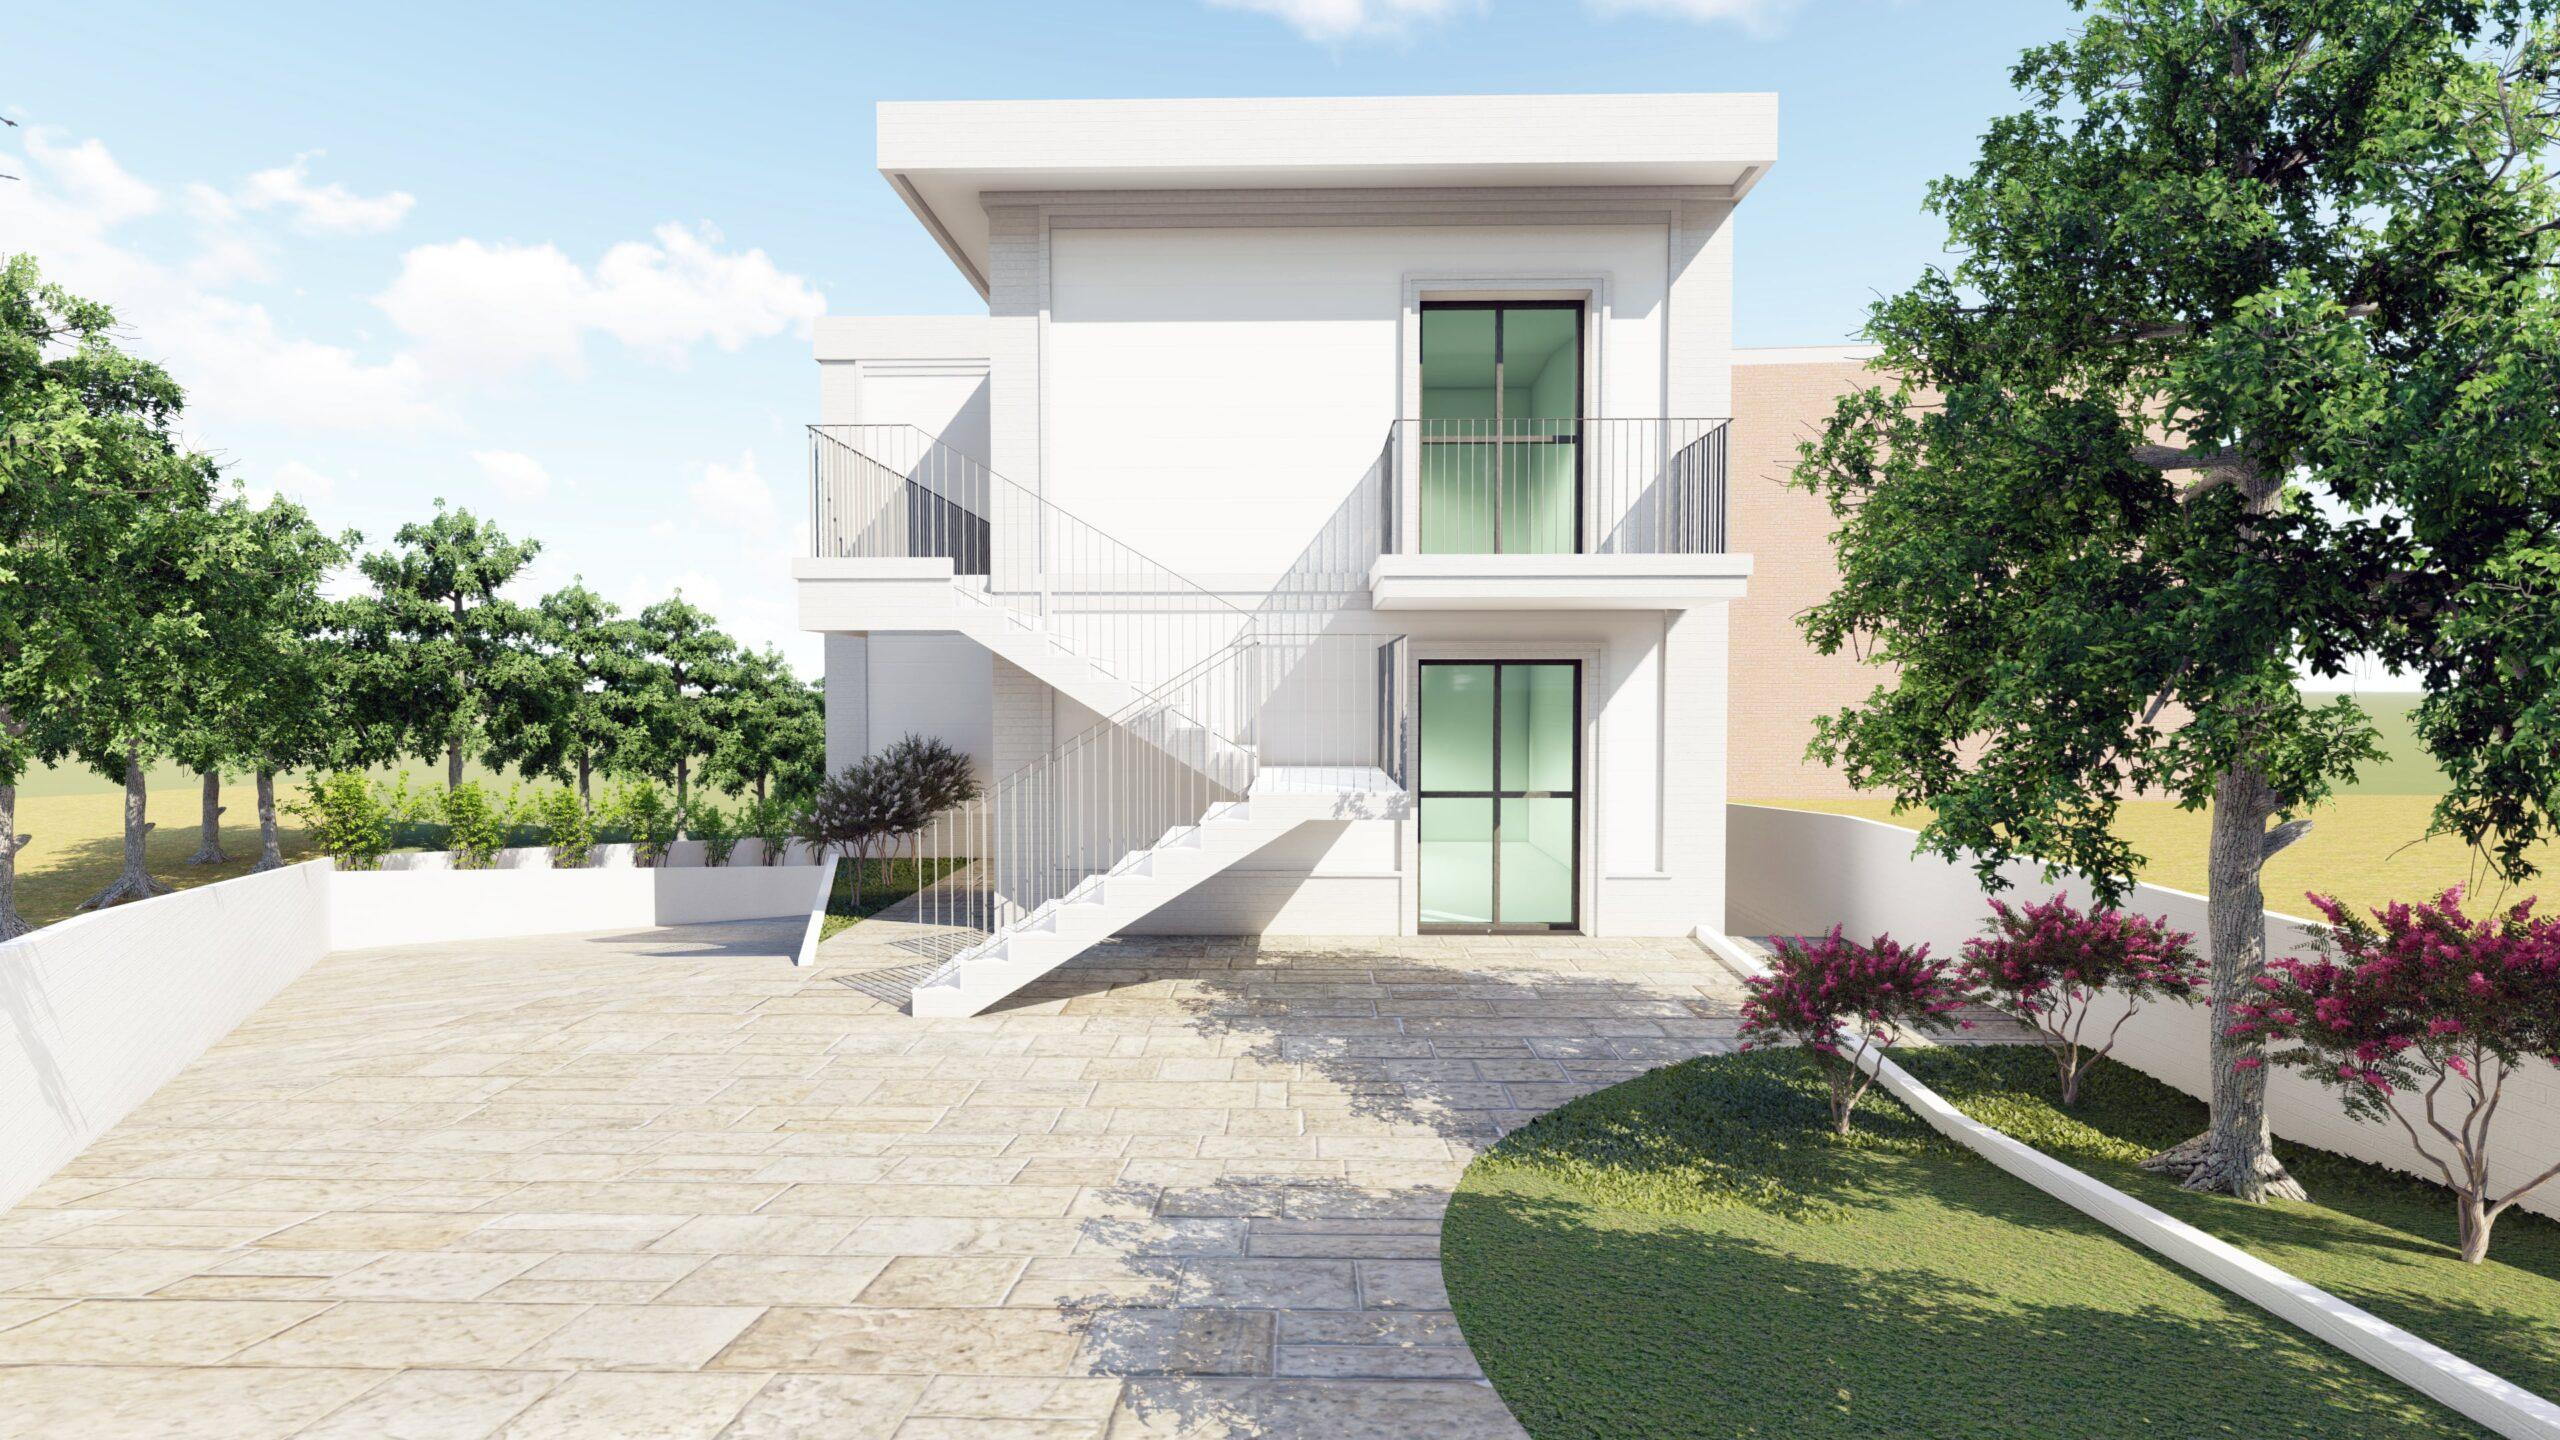 Mercurio Architettura Ingegneria-super bonus-francavilla progetto